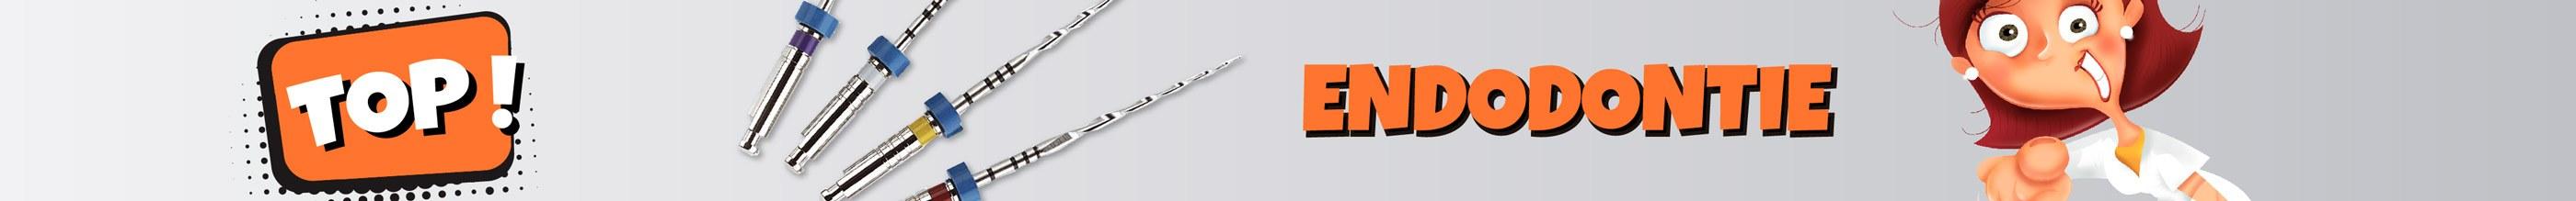 Endodontie image